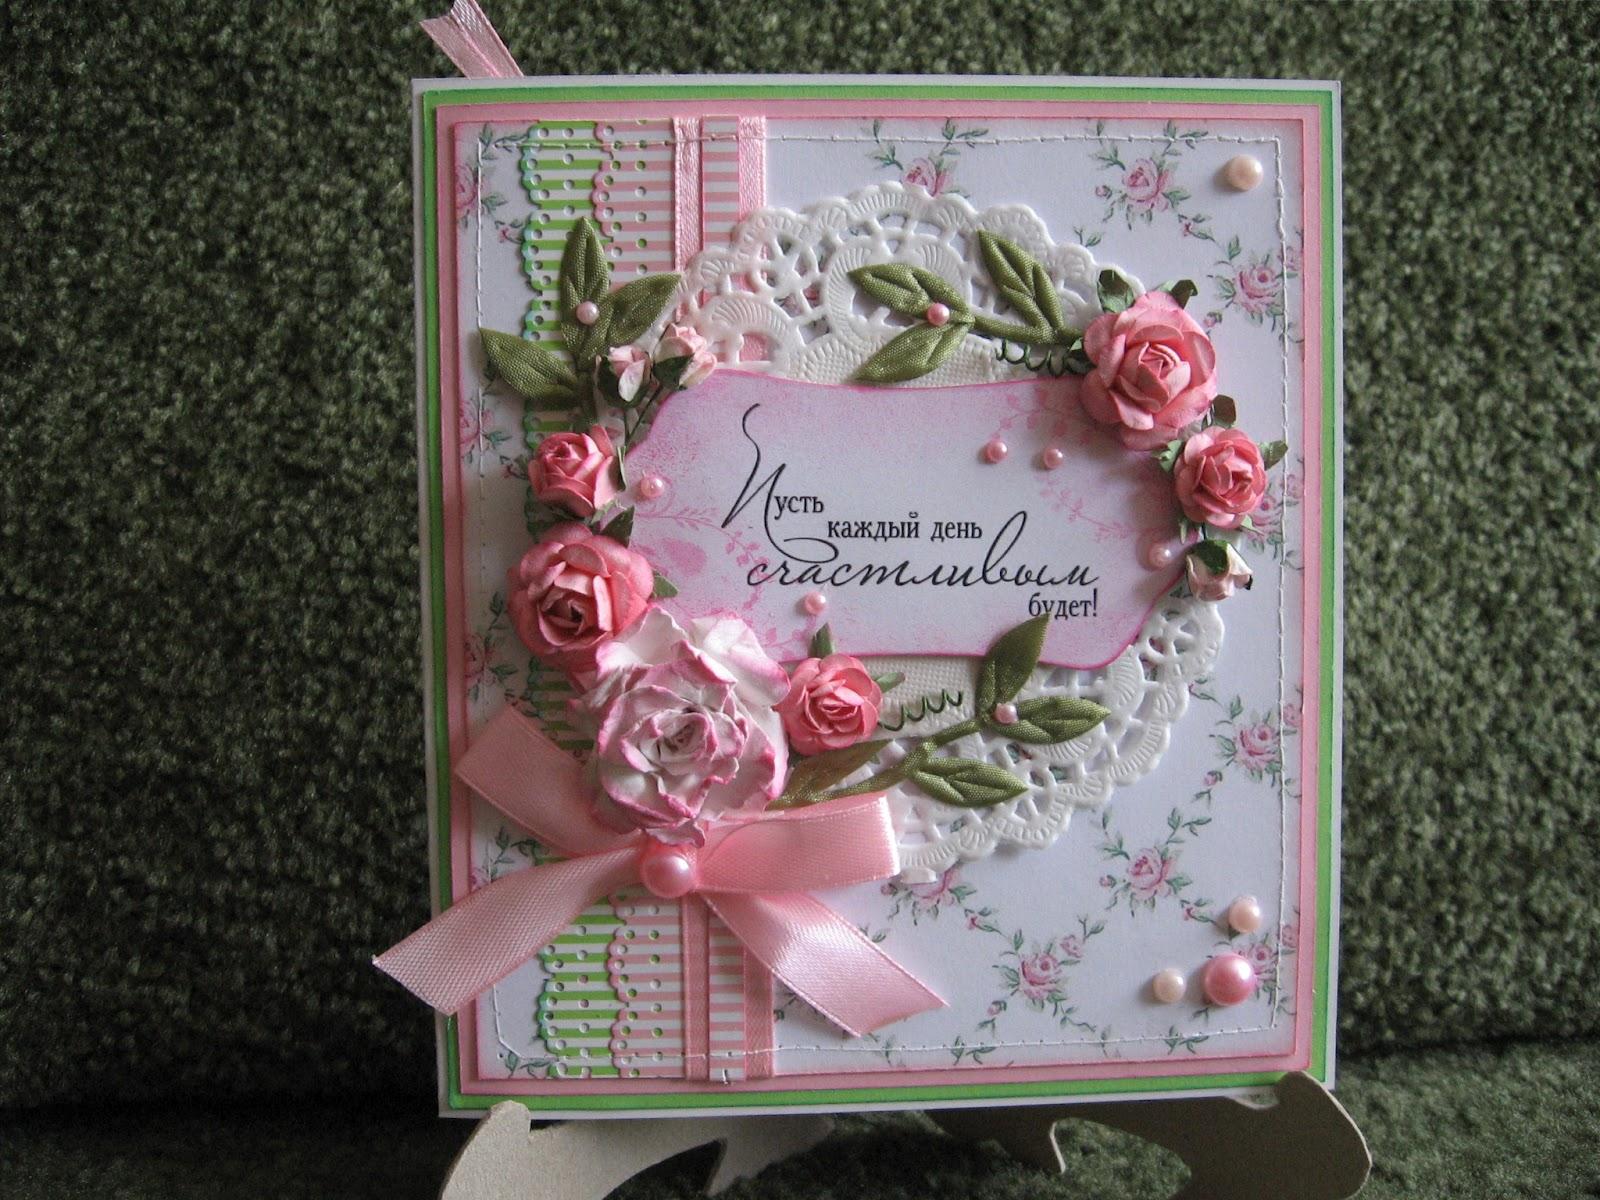 Открытки с днем рождения девушке своими руками скрапбукинг 10